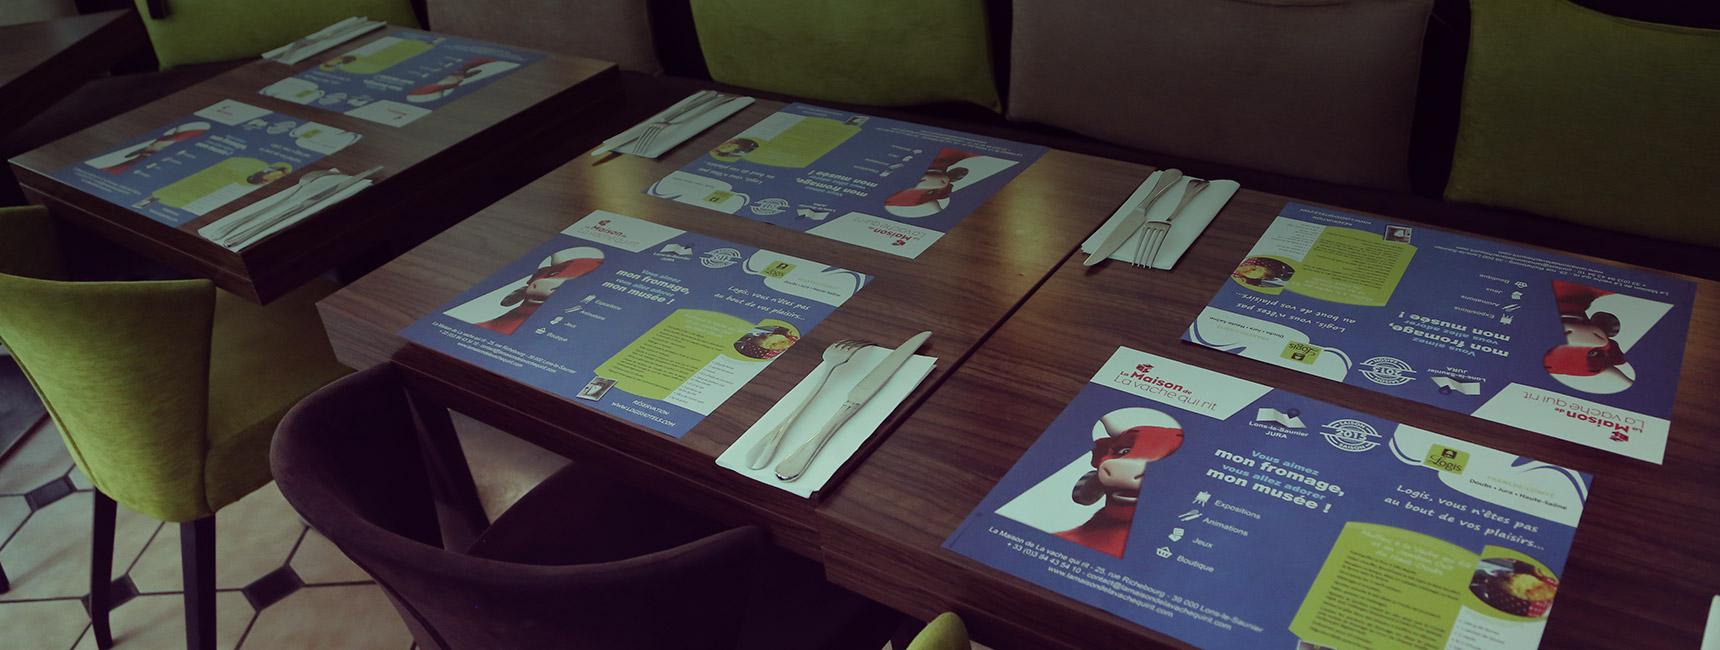 Set de table publicitaire, support tactique - Keemia Communication OOH et hors-media